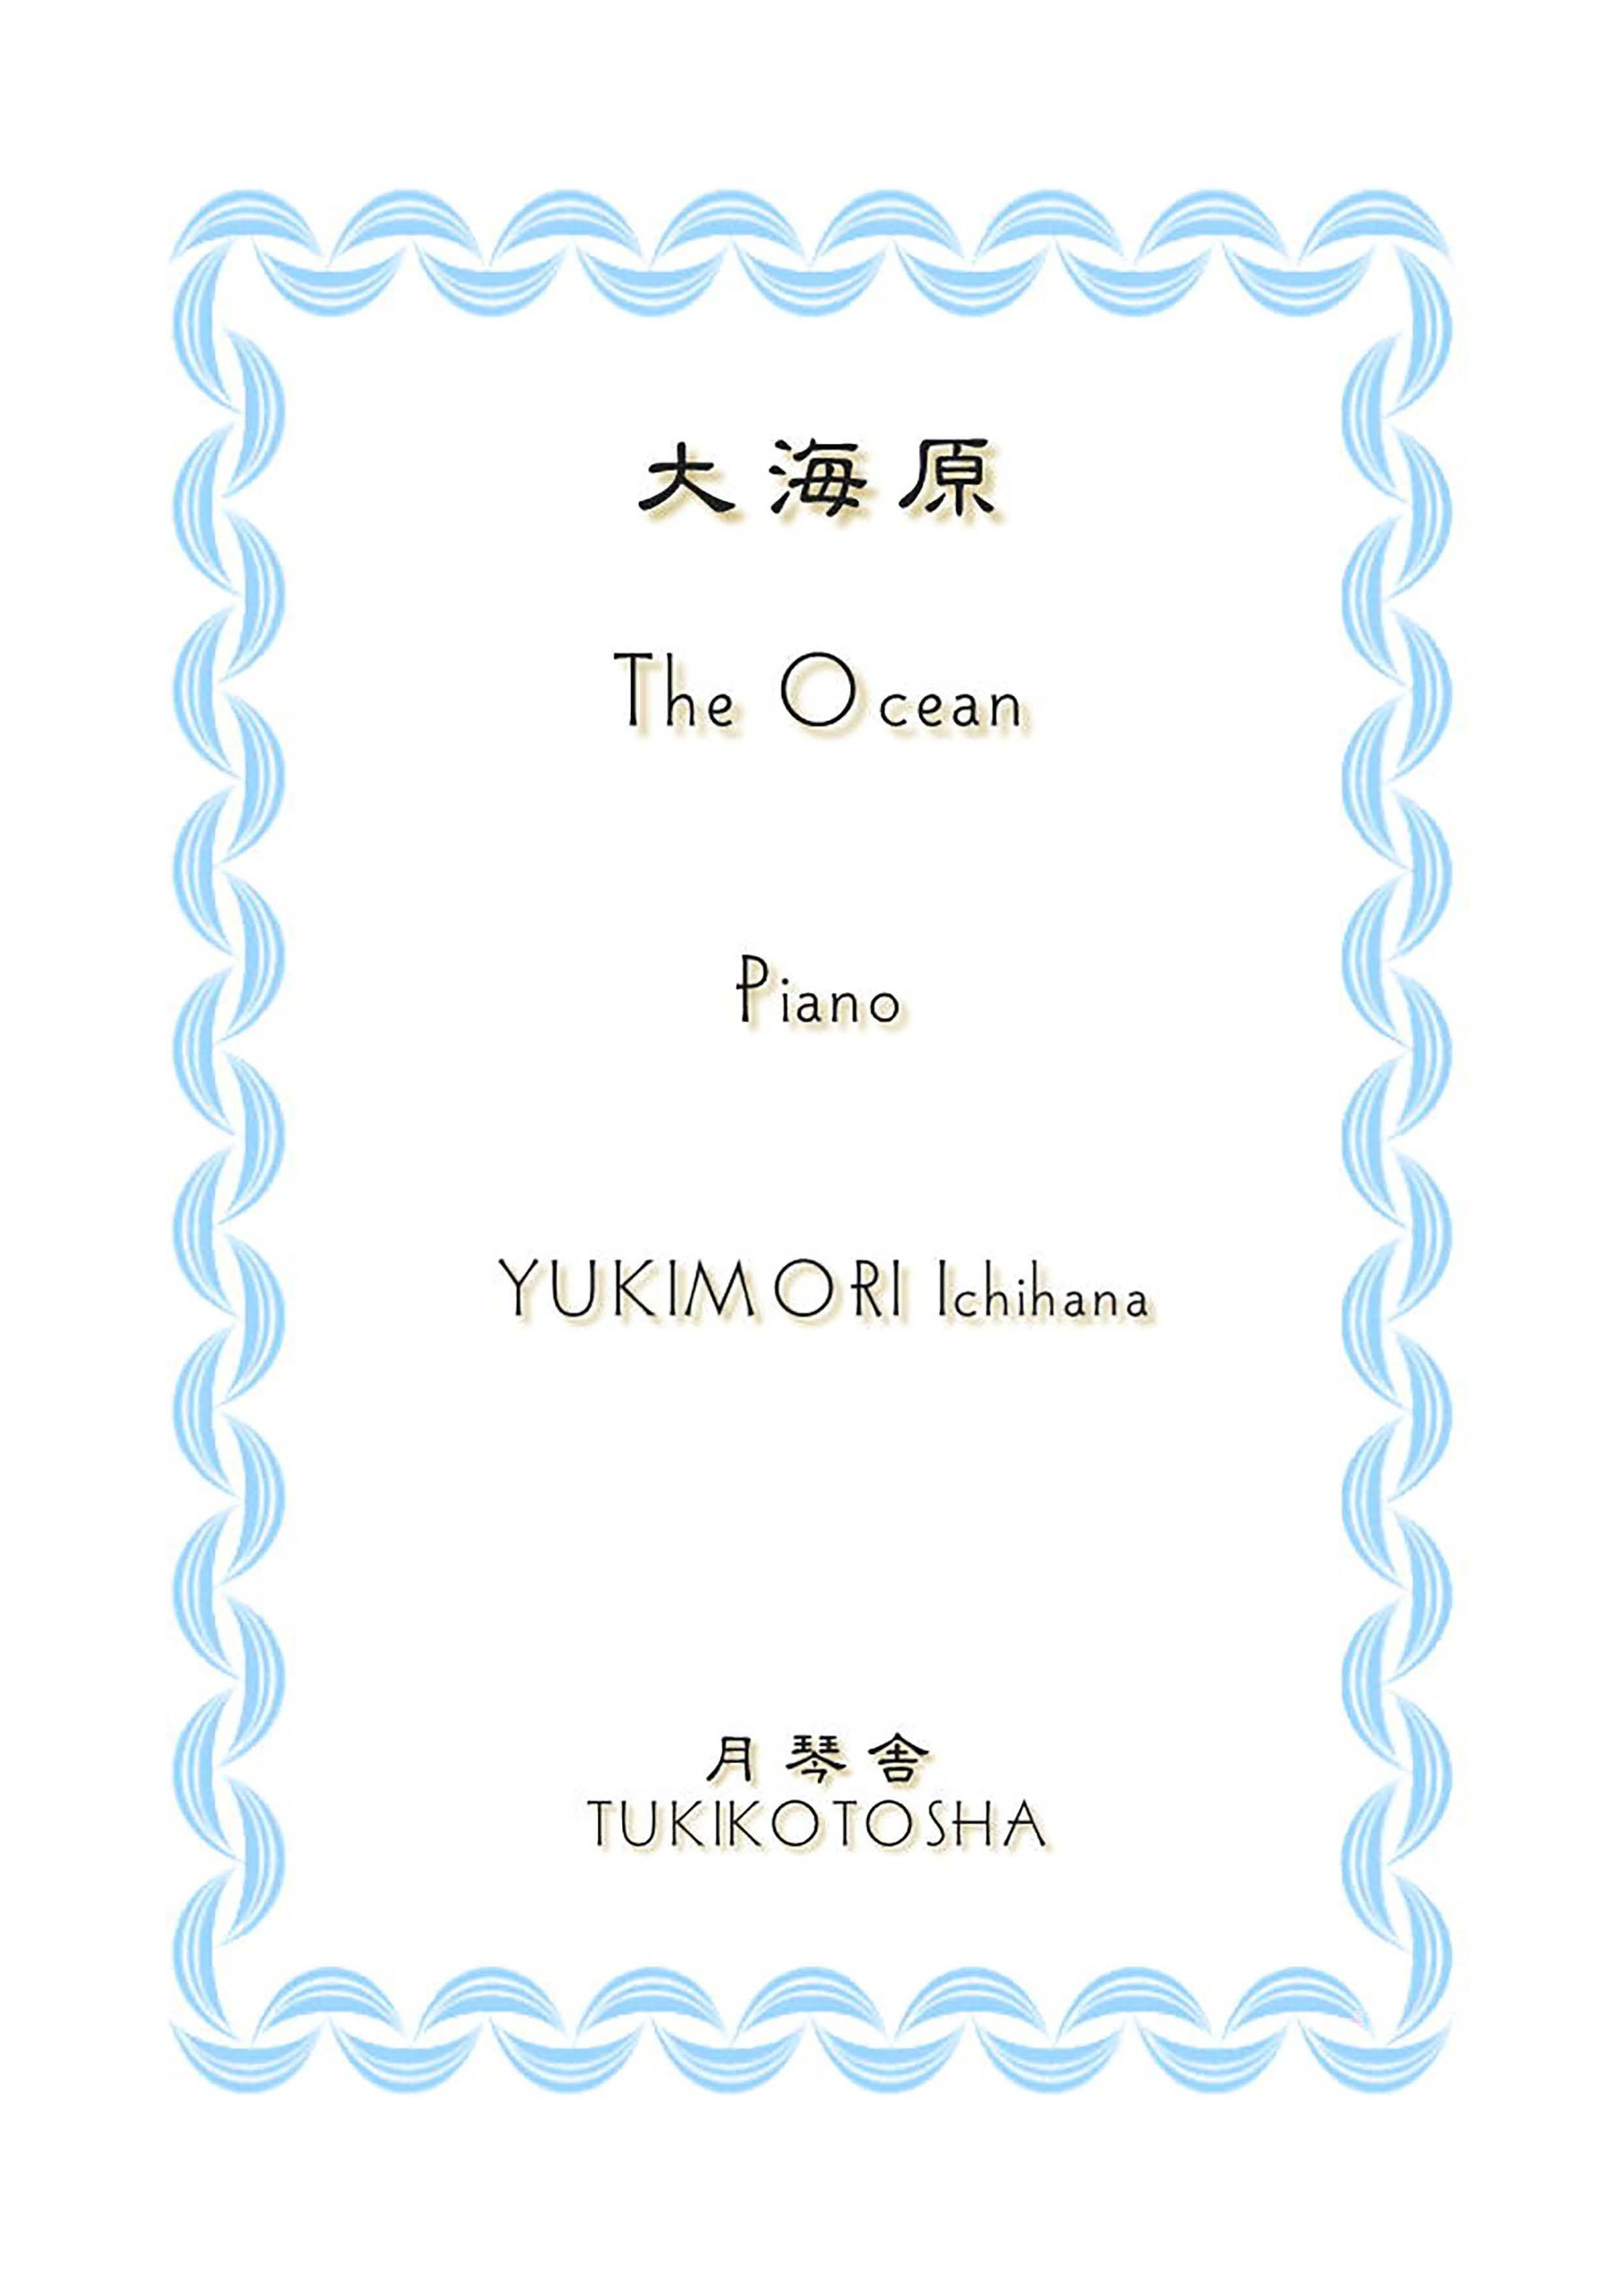 大海原 ピアノ 製本楽譜